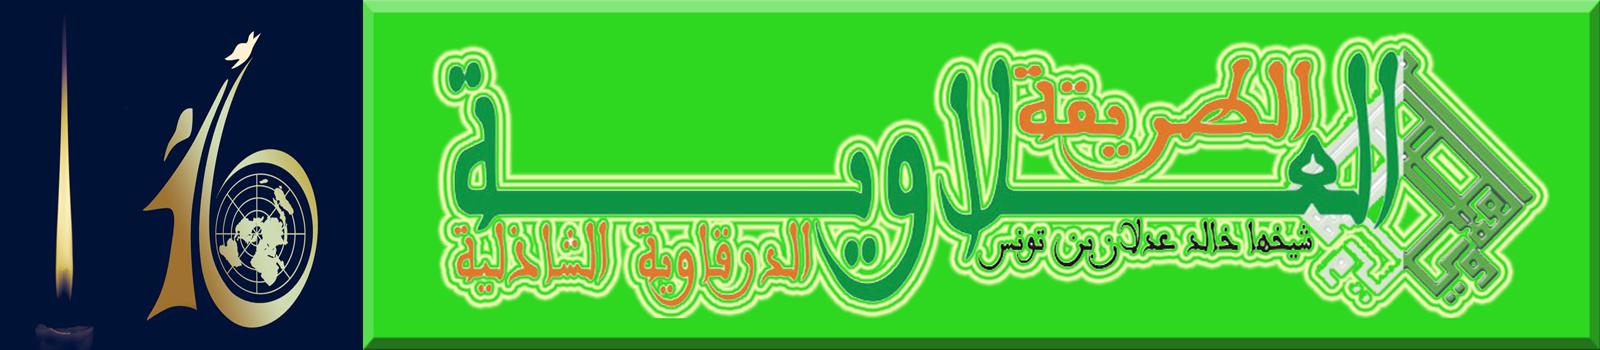 جمعية الشيخ العلاوي لإحياء التراث الصوفي